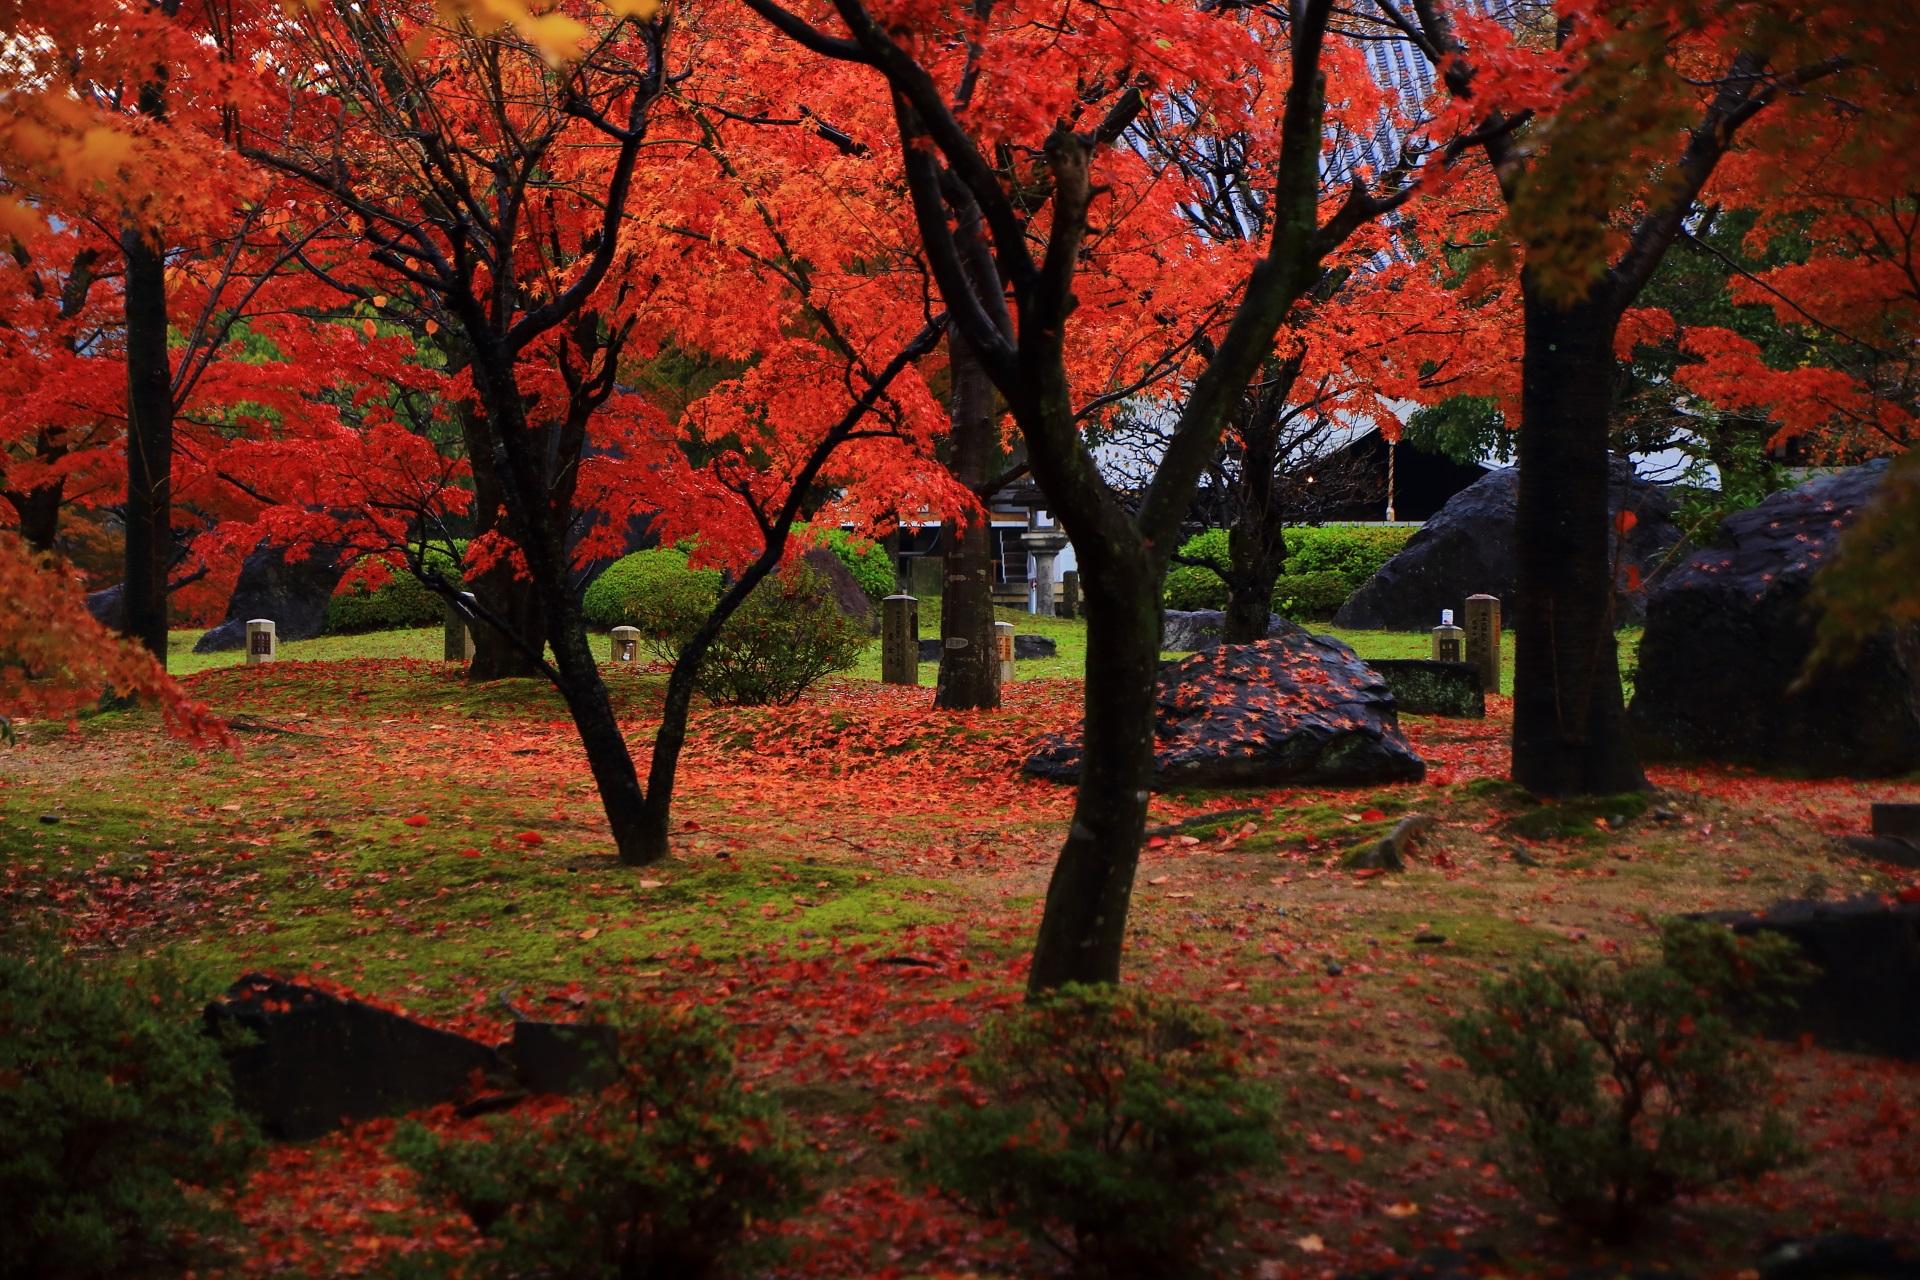 智積院の明王殿と鐘楼の間の紅葉や散りもみじ